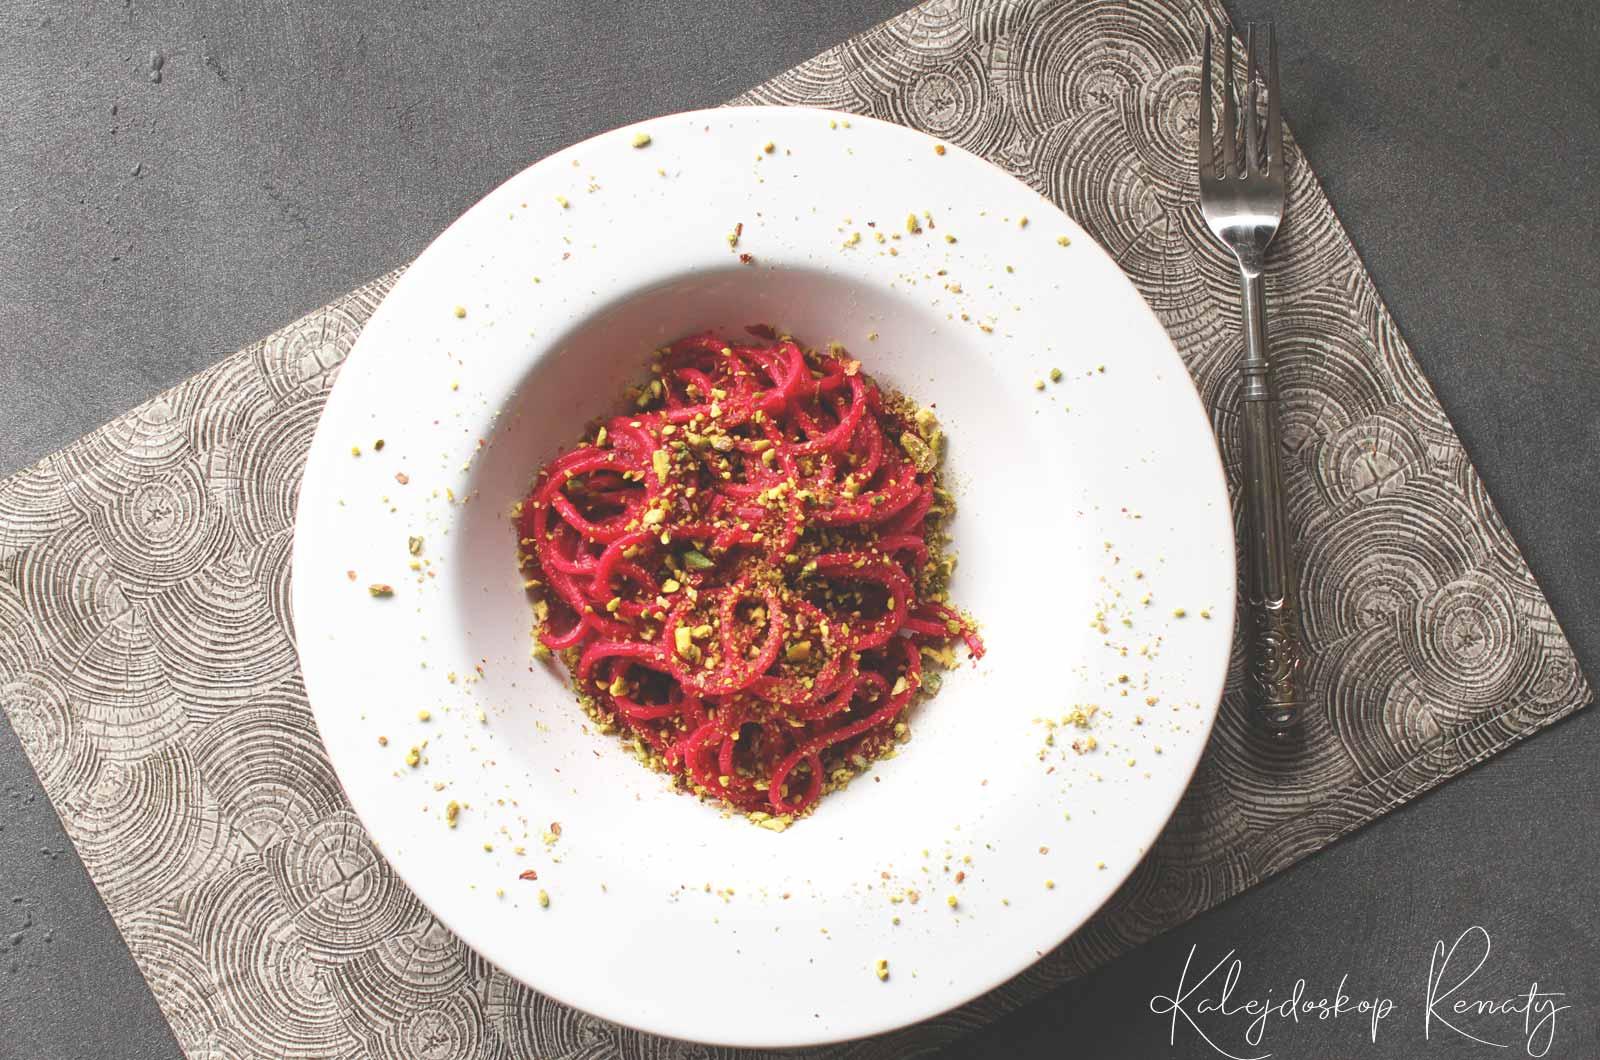 Przepis na makaron z burakami, anchois i pistacjami — finezyjna kombinacja smakowa odskakująca od tradycji.